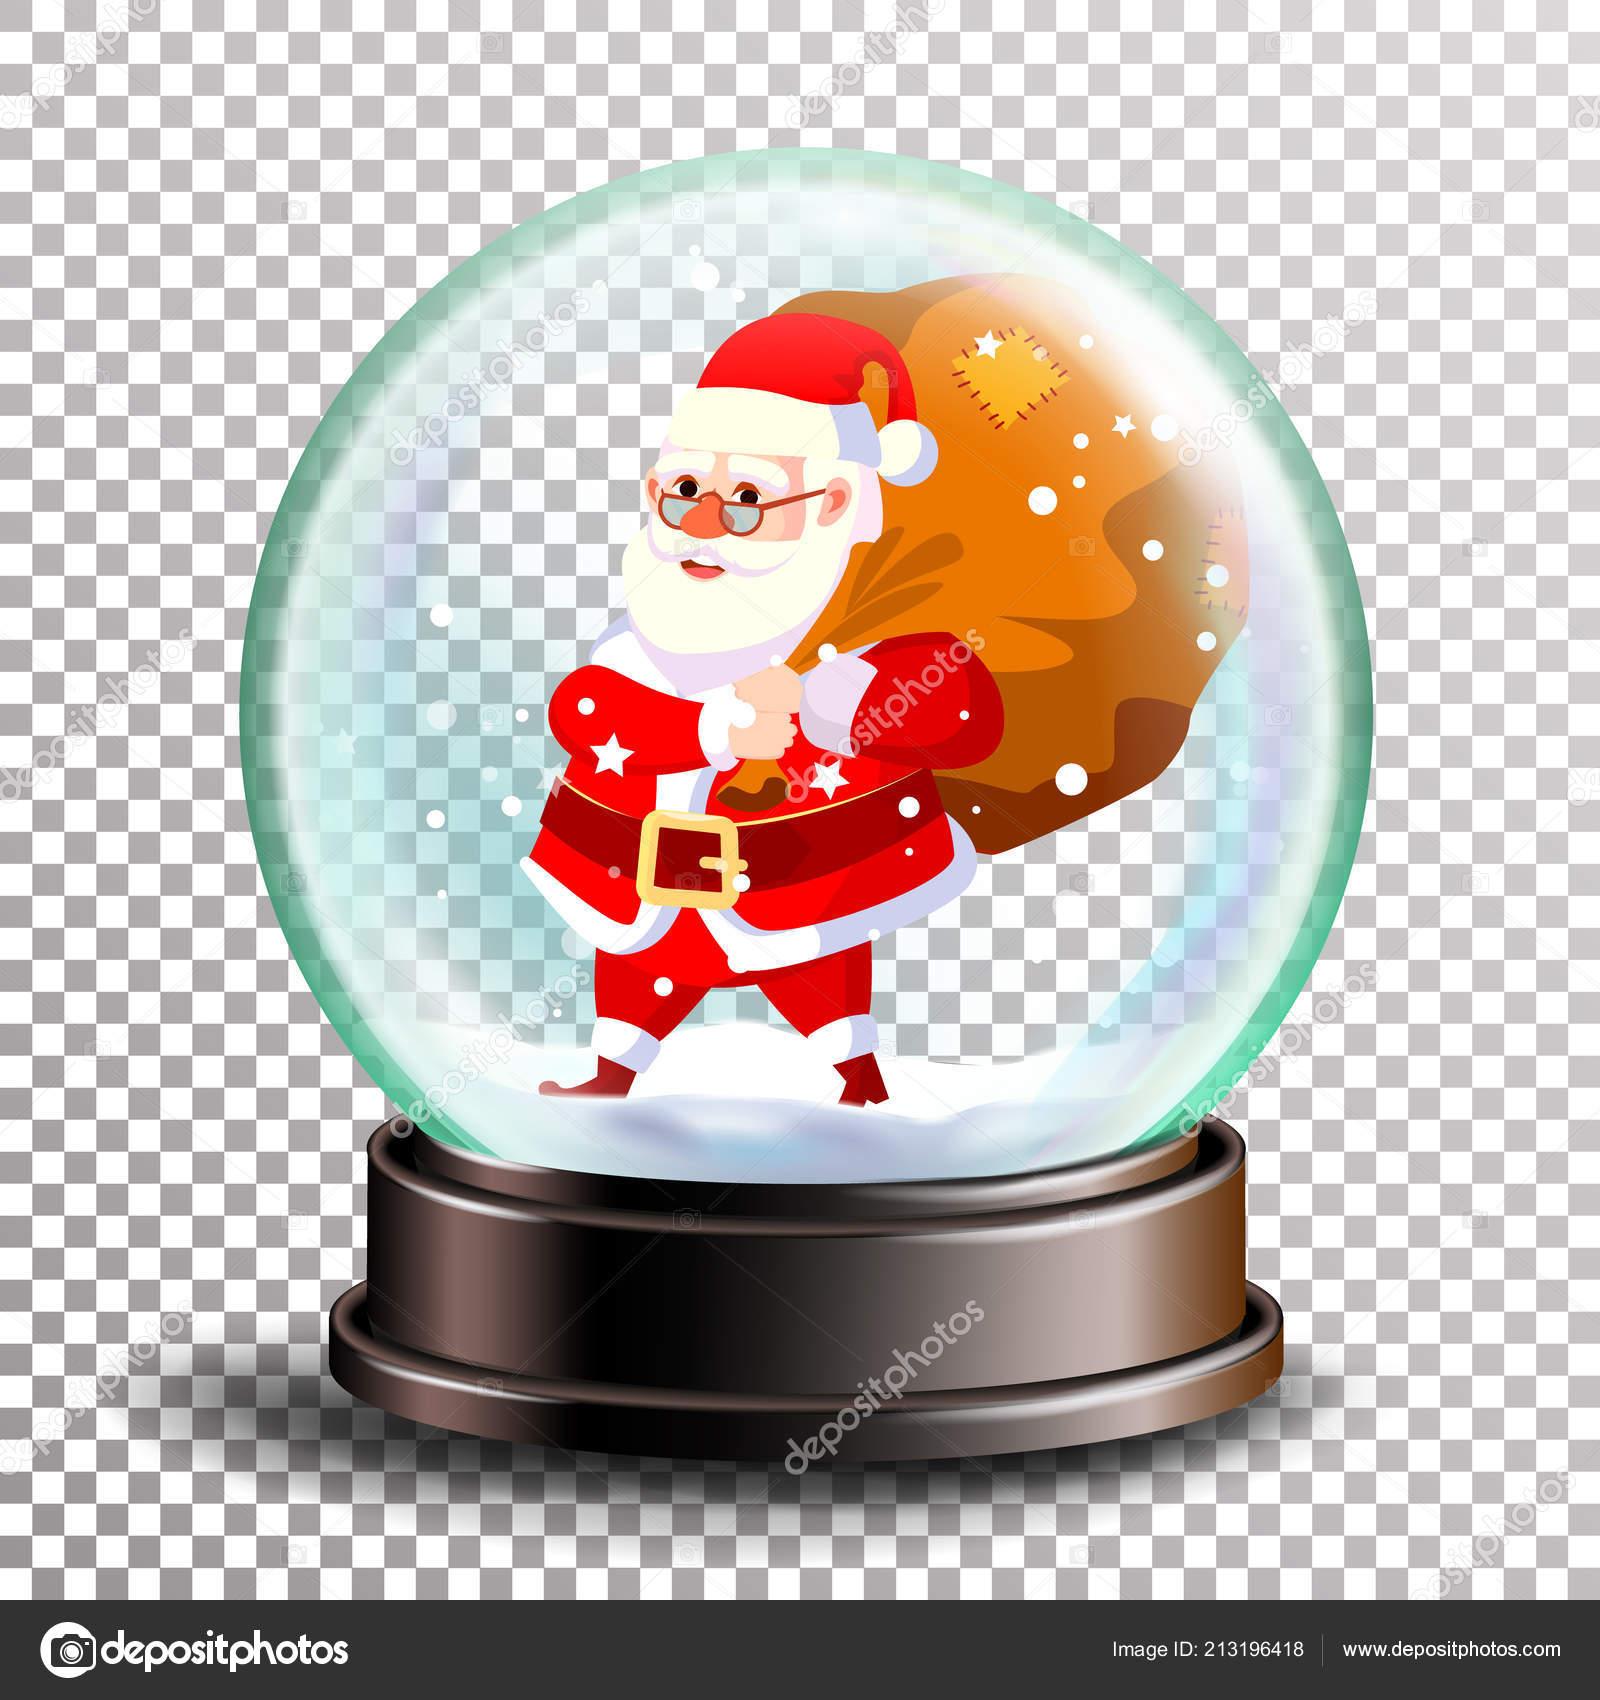 Weihnachten-Schneekugel-Vektor. Süßer Weihnachtsmann mit Geschenken ...